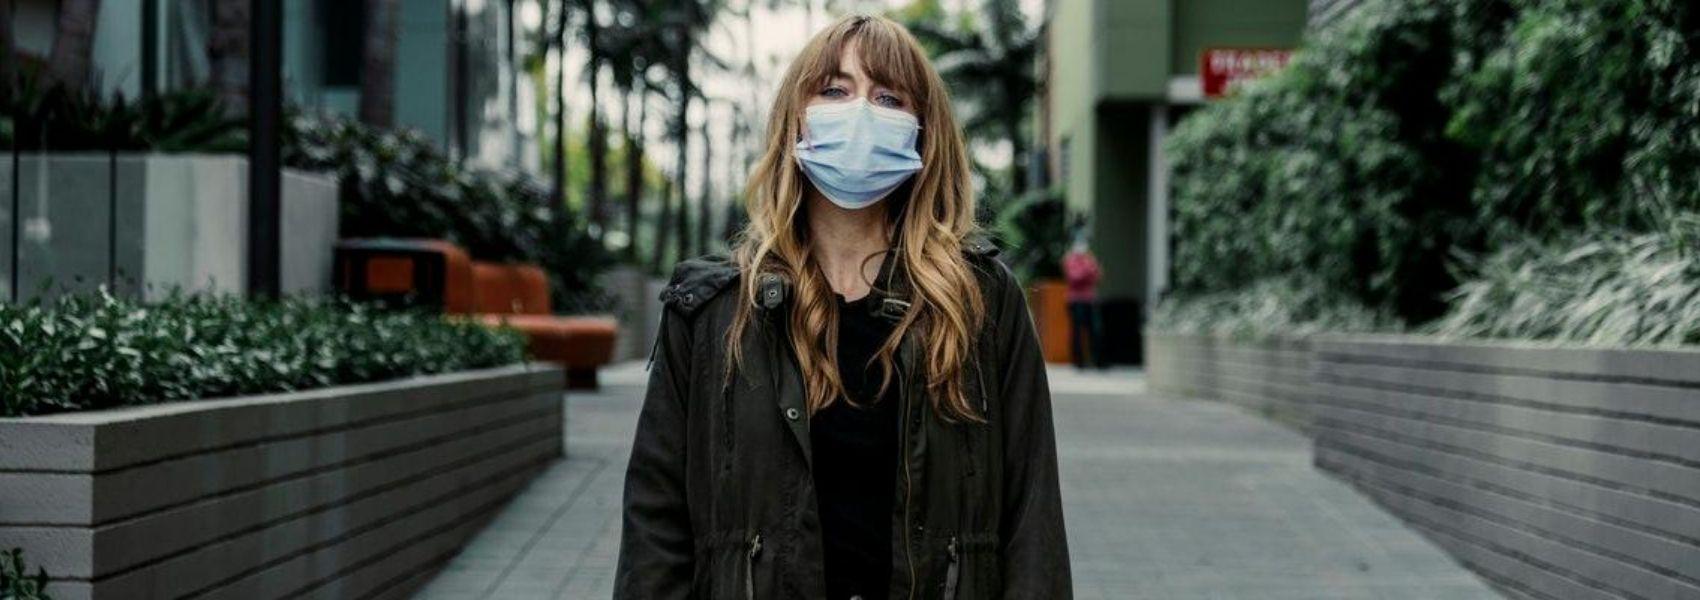 Prevenir os problemas de pele sem deixar de usar máscaras